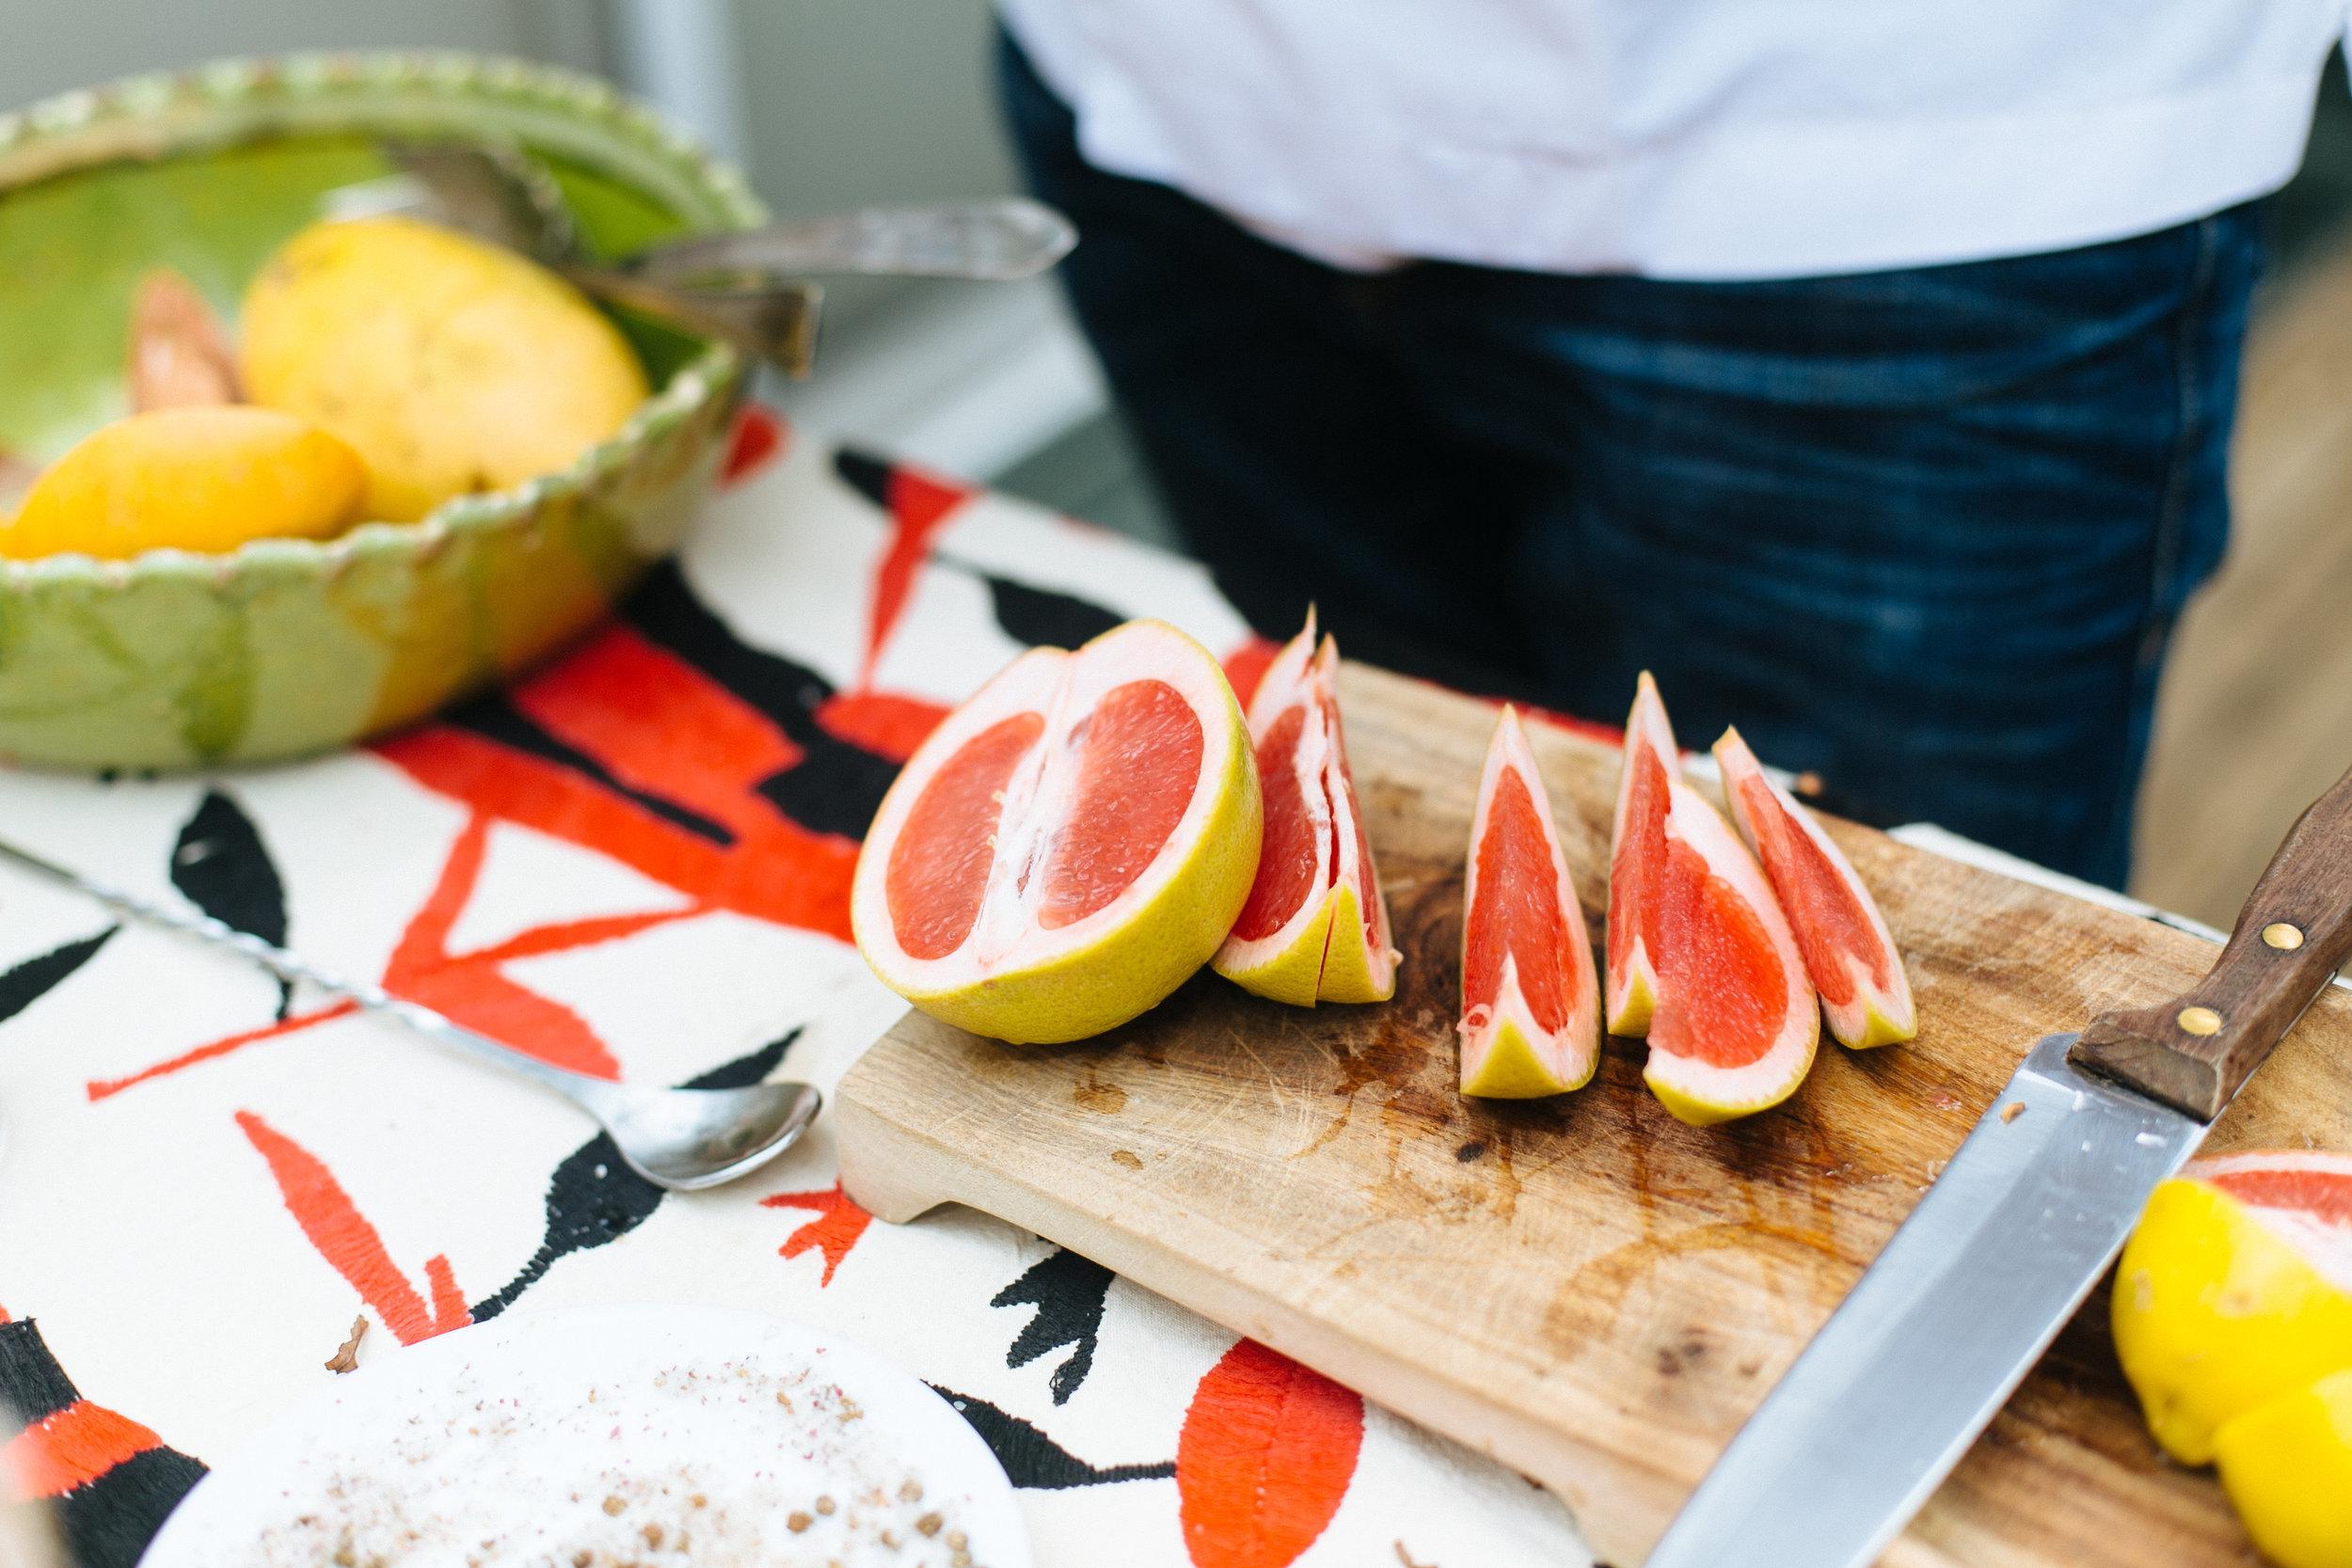 Copy of sliced oranges for cocktails